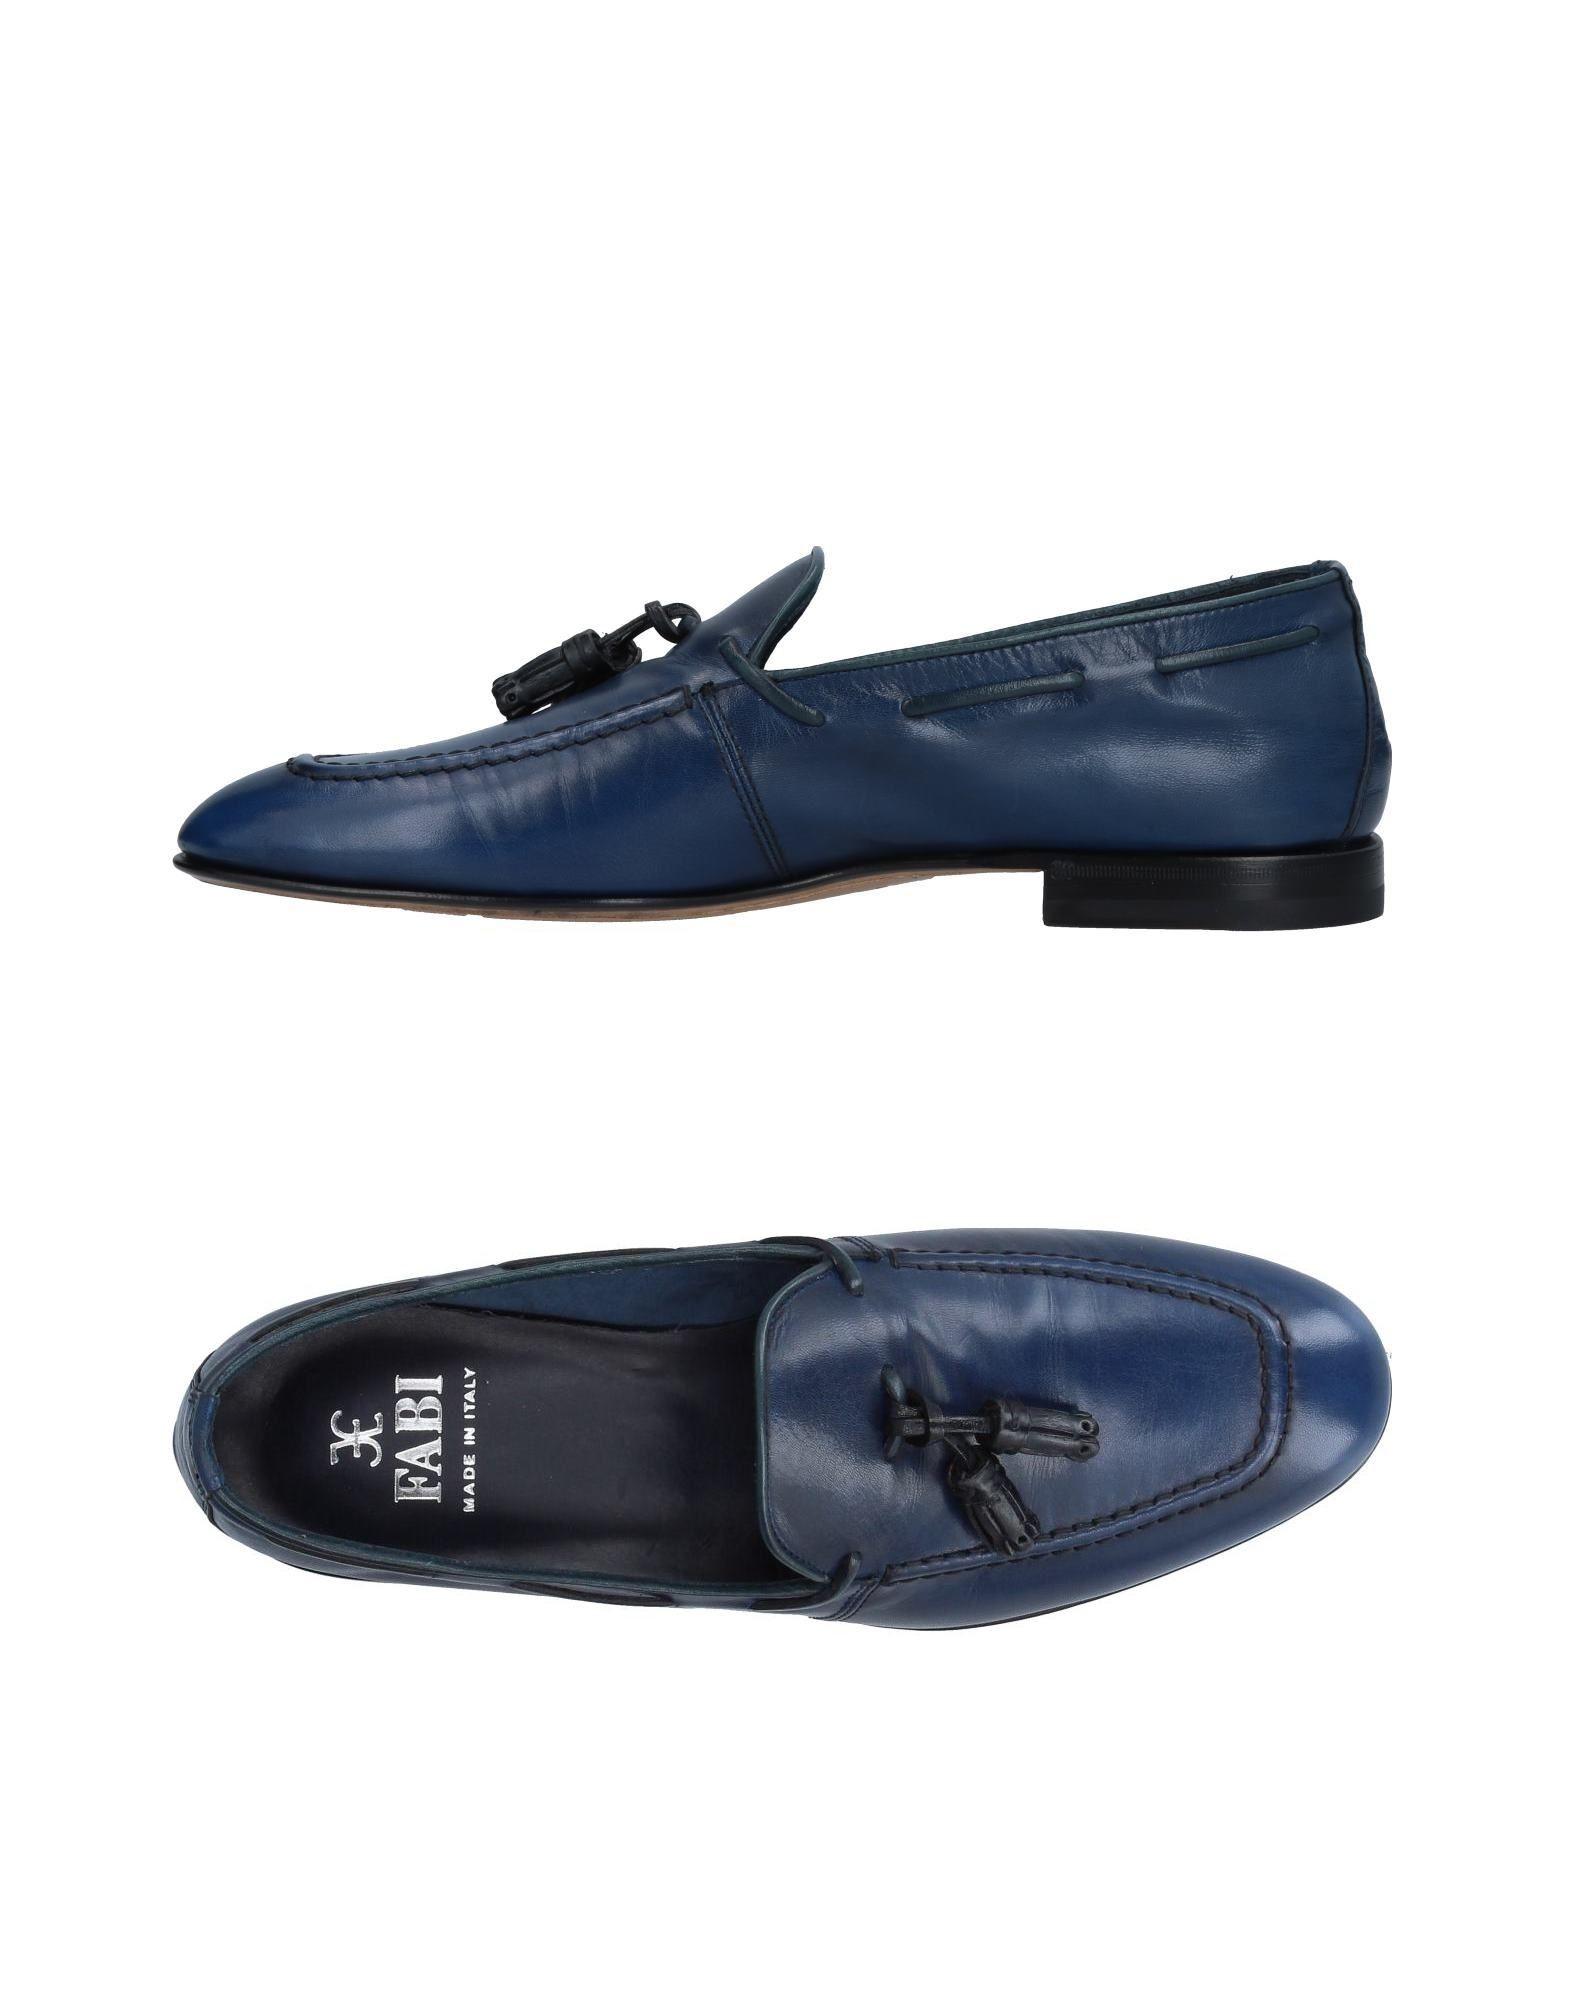 Fabi Mokassins Herren  11415845GD Gute Qualität beliebte Schuhe